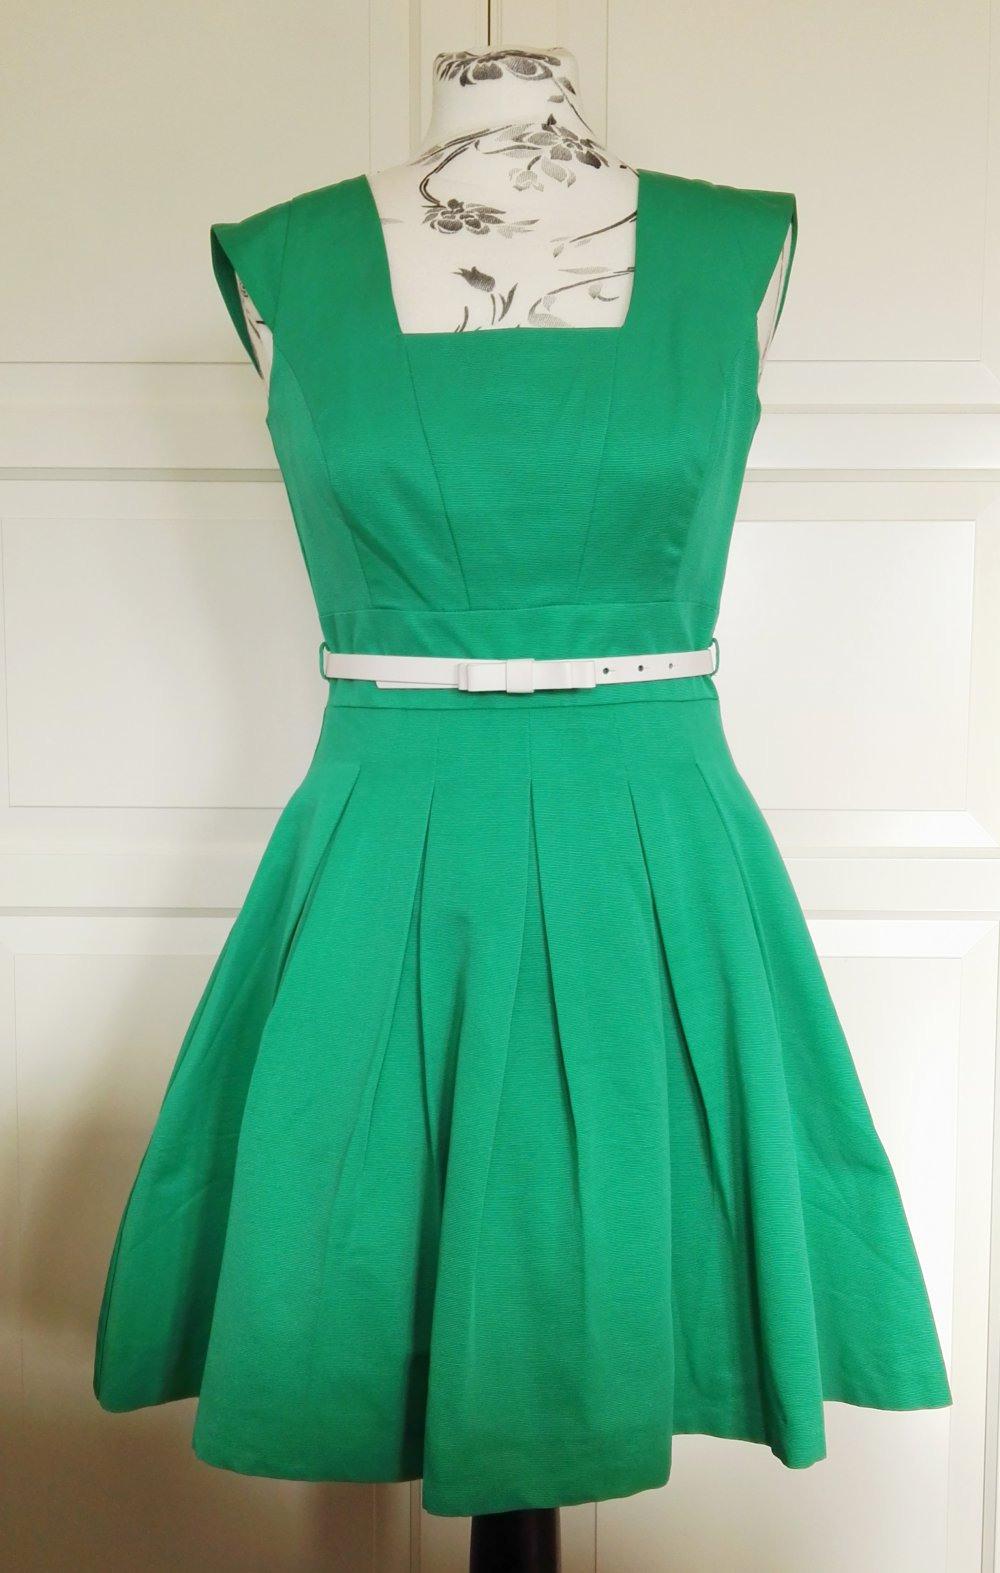 10 Elegant Grünes Festliches Kleid Vertrieb15 Perfekt Grünes Festliches Kleid Ärmel